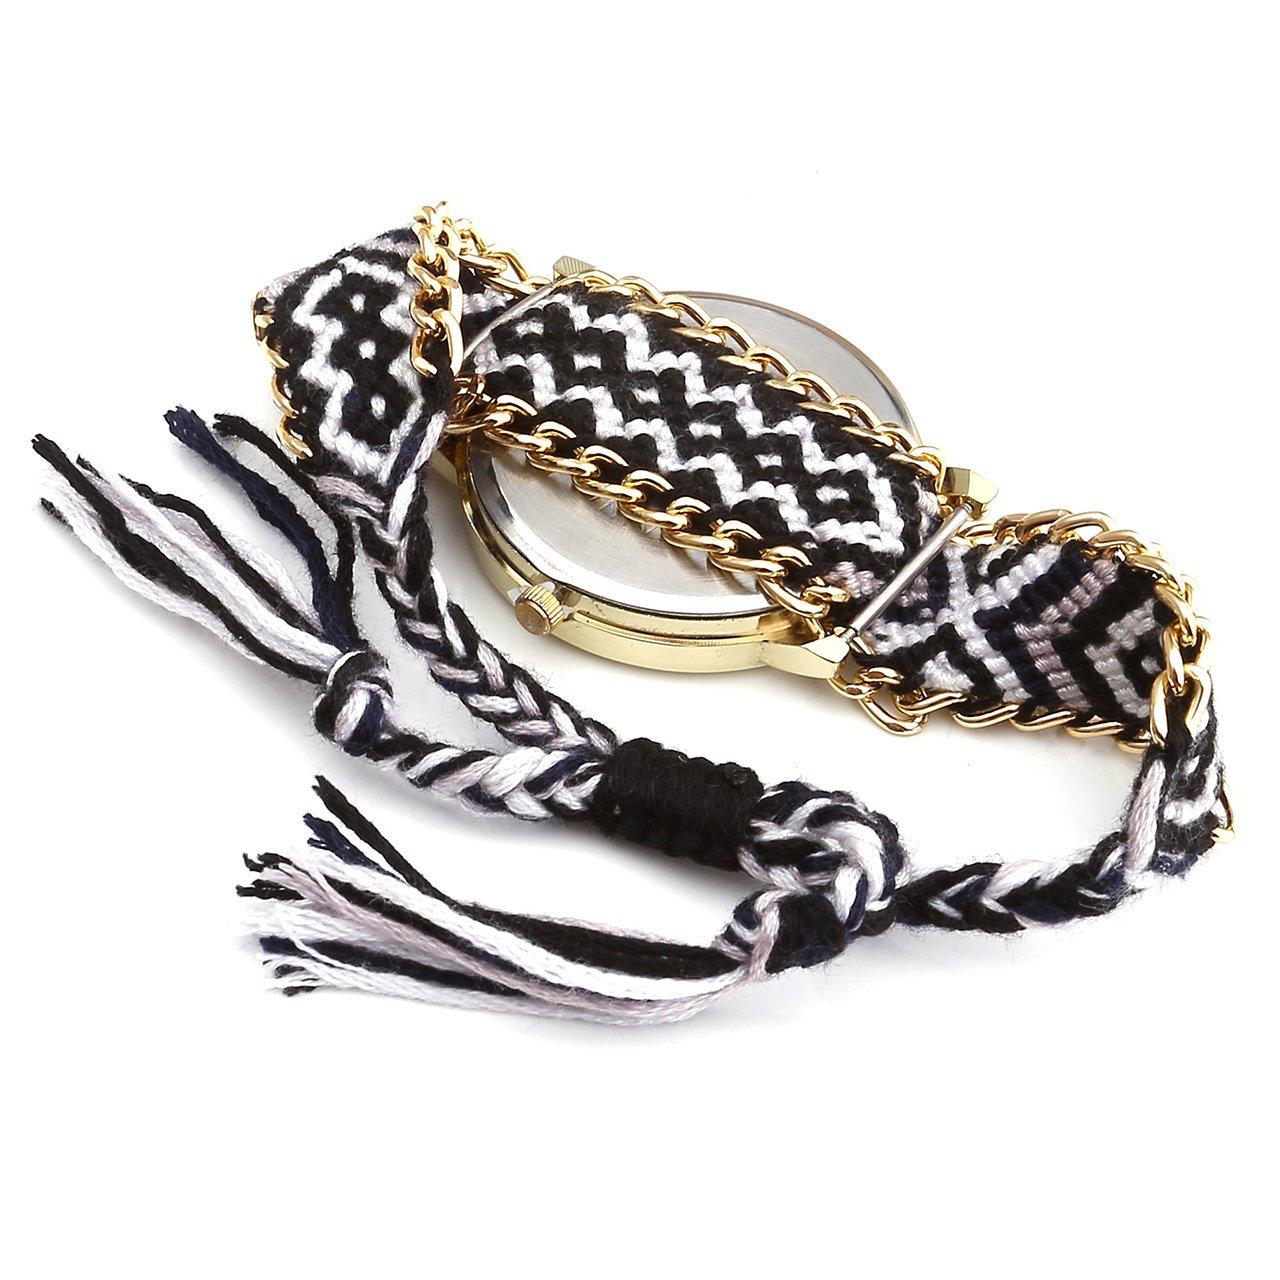 JSDDE 1PC Jolie Engagements Motif Tissé Bracelet Bande de Corde Quartz Cadran Montre Blanc + Noir